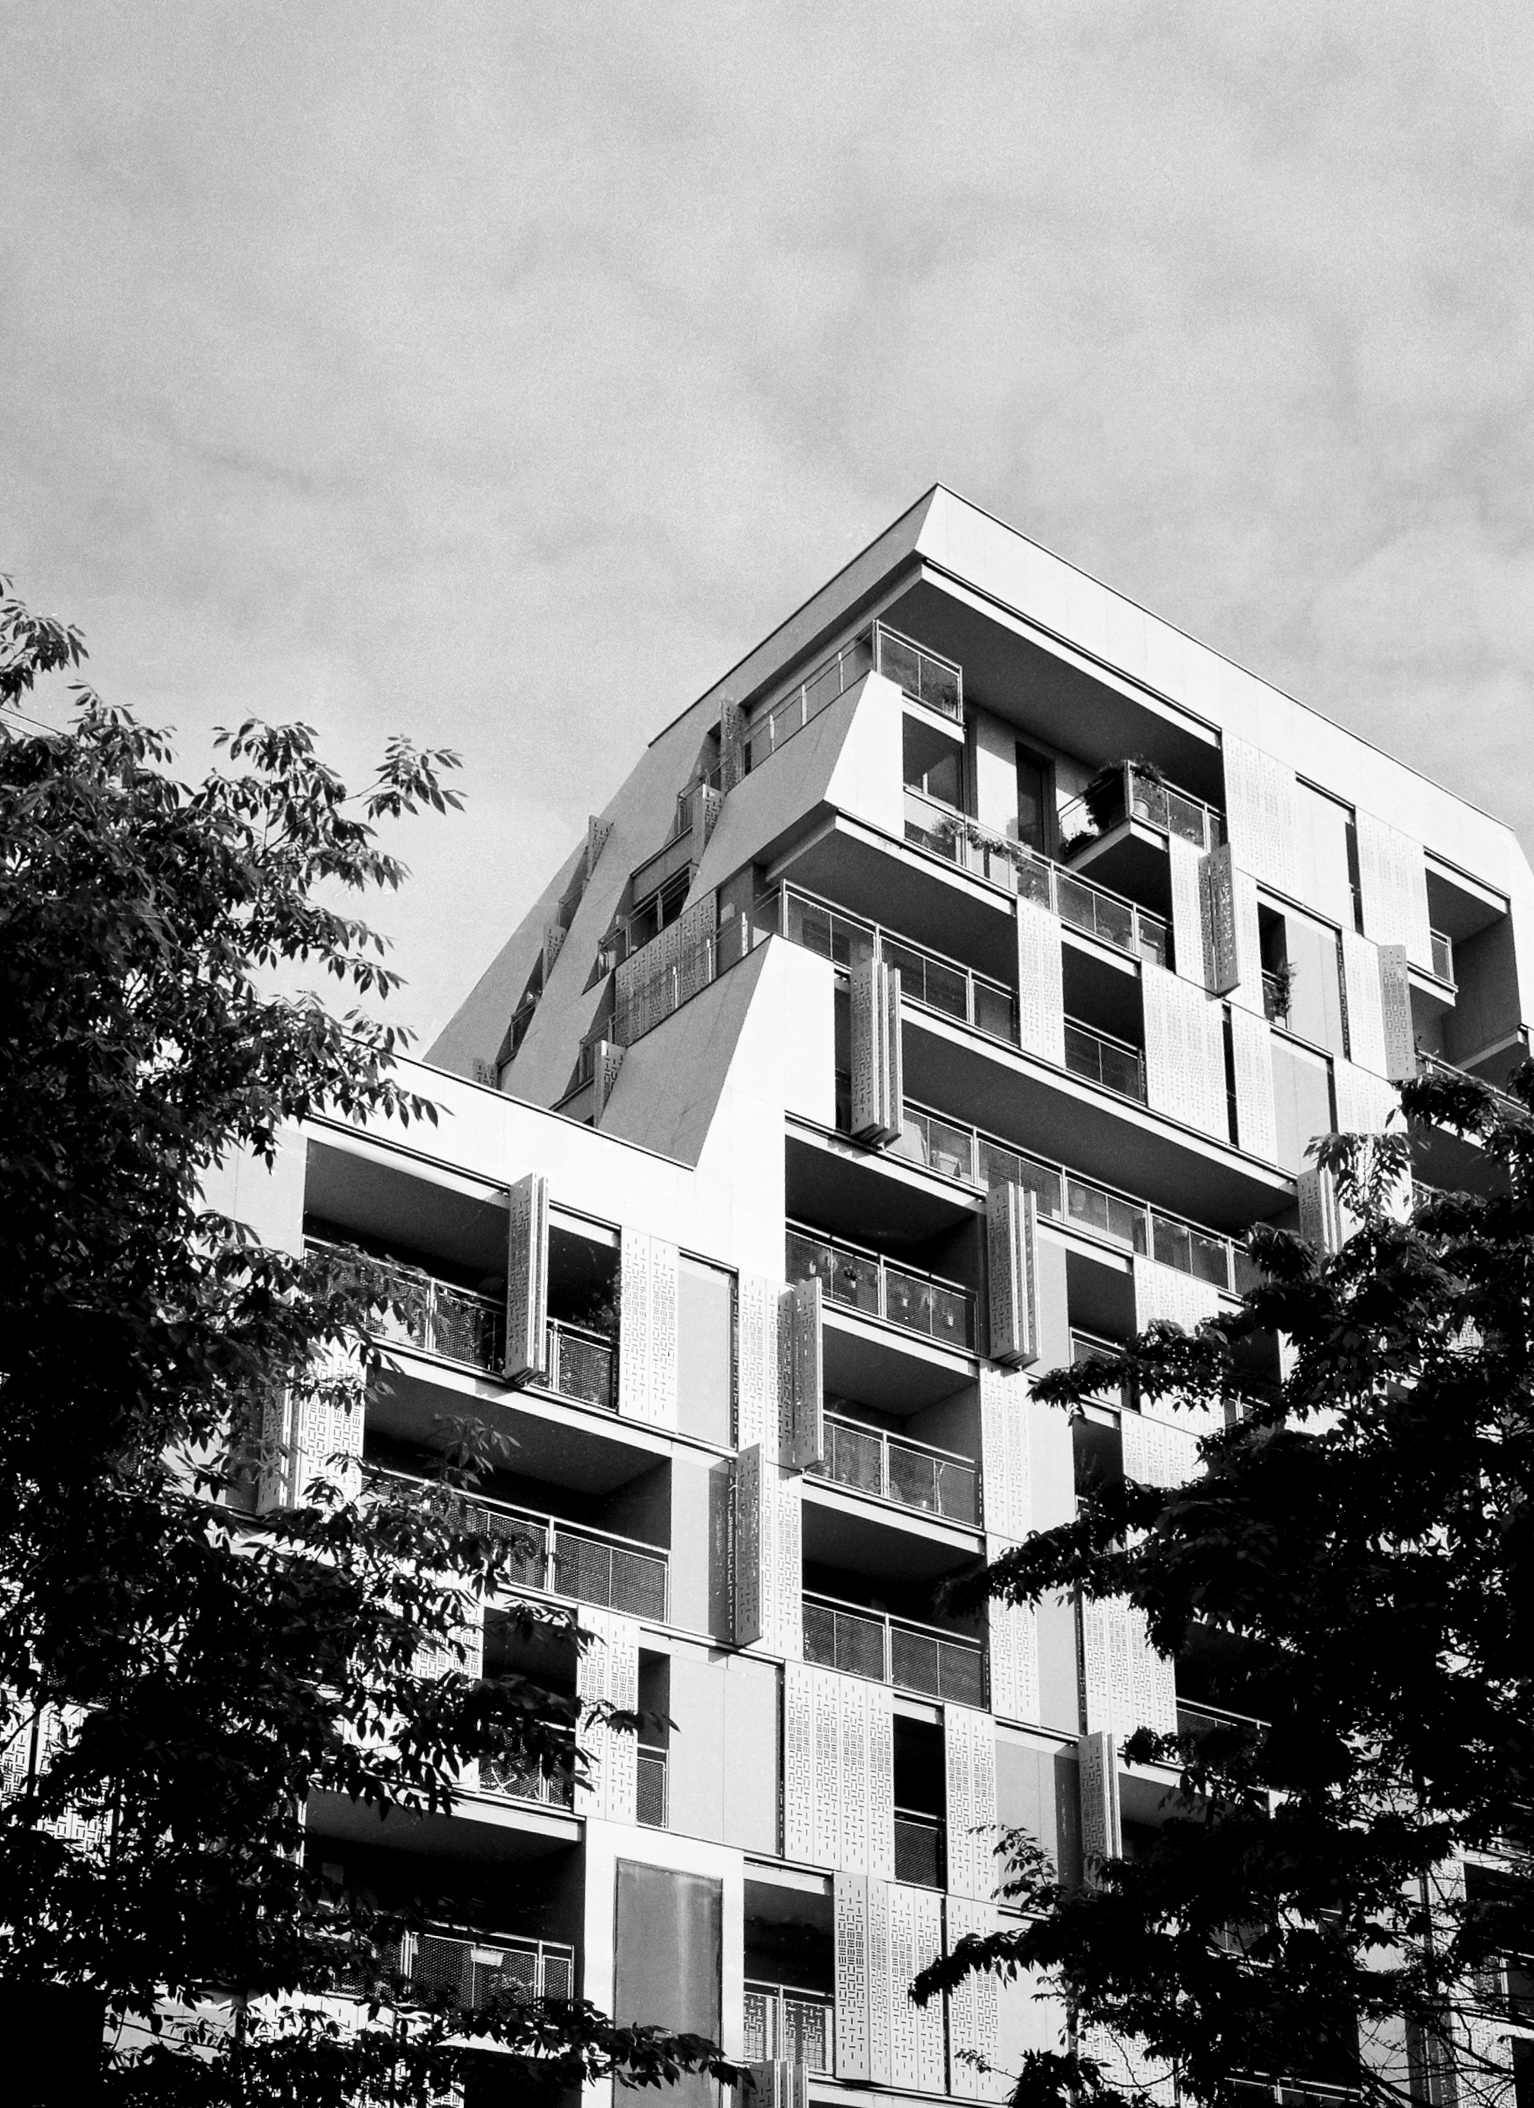 Architecture / Paris, Batignoll - j_cortie | ello